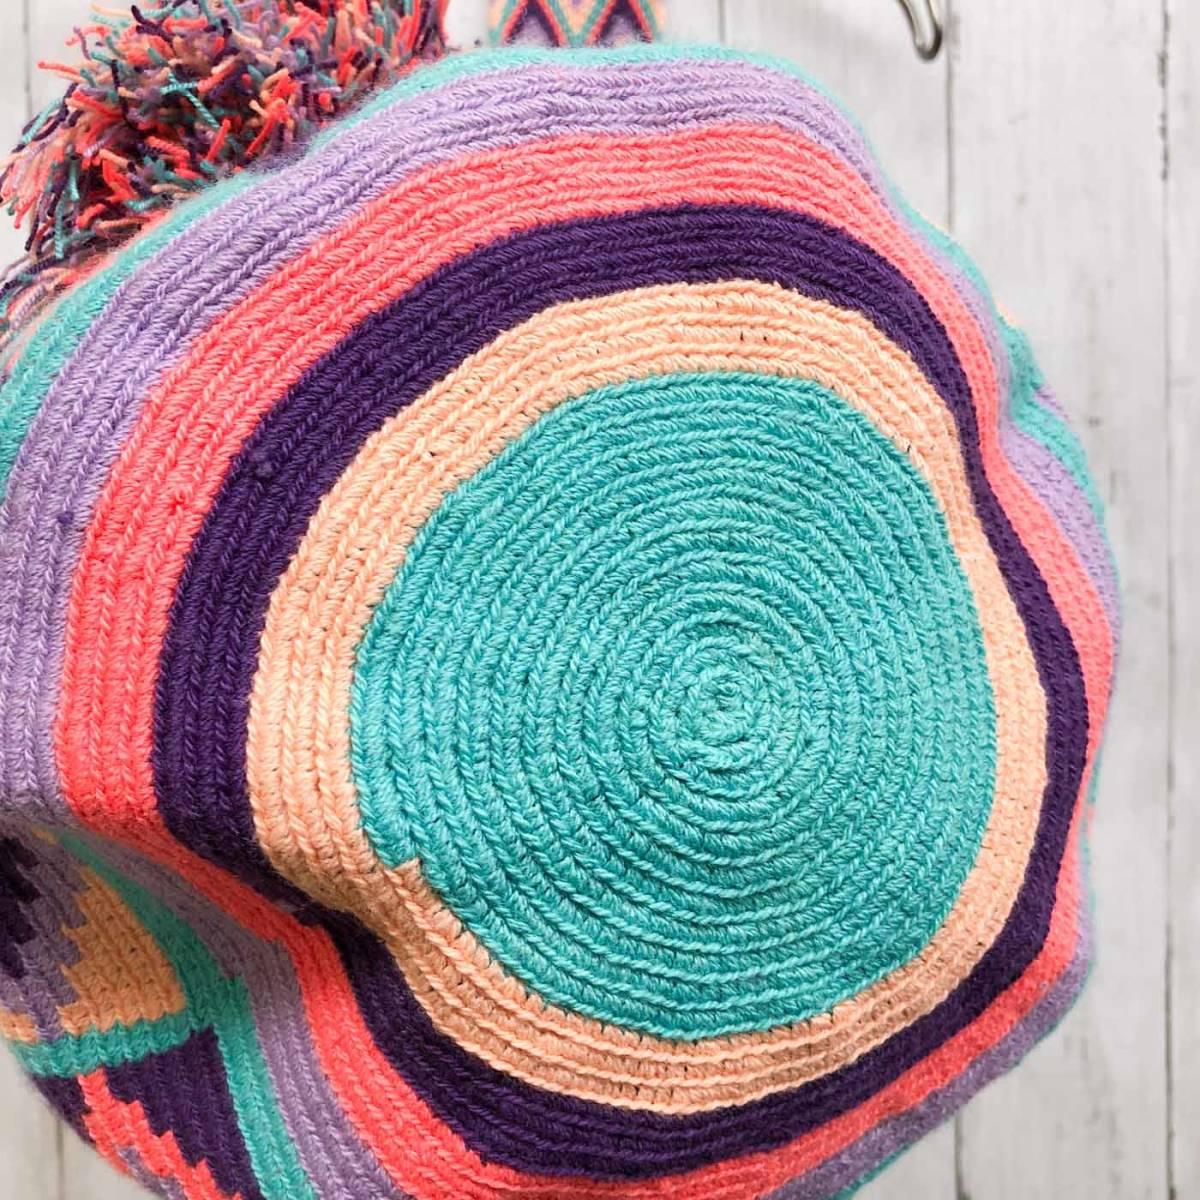 ワユーバッグ wayuu bag マザーズバッグ ショルダーバッグ レディース かごバッグ きれいめ ハンドメイド 手織り 南米 コロンビア 3_画像6